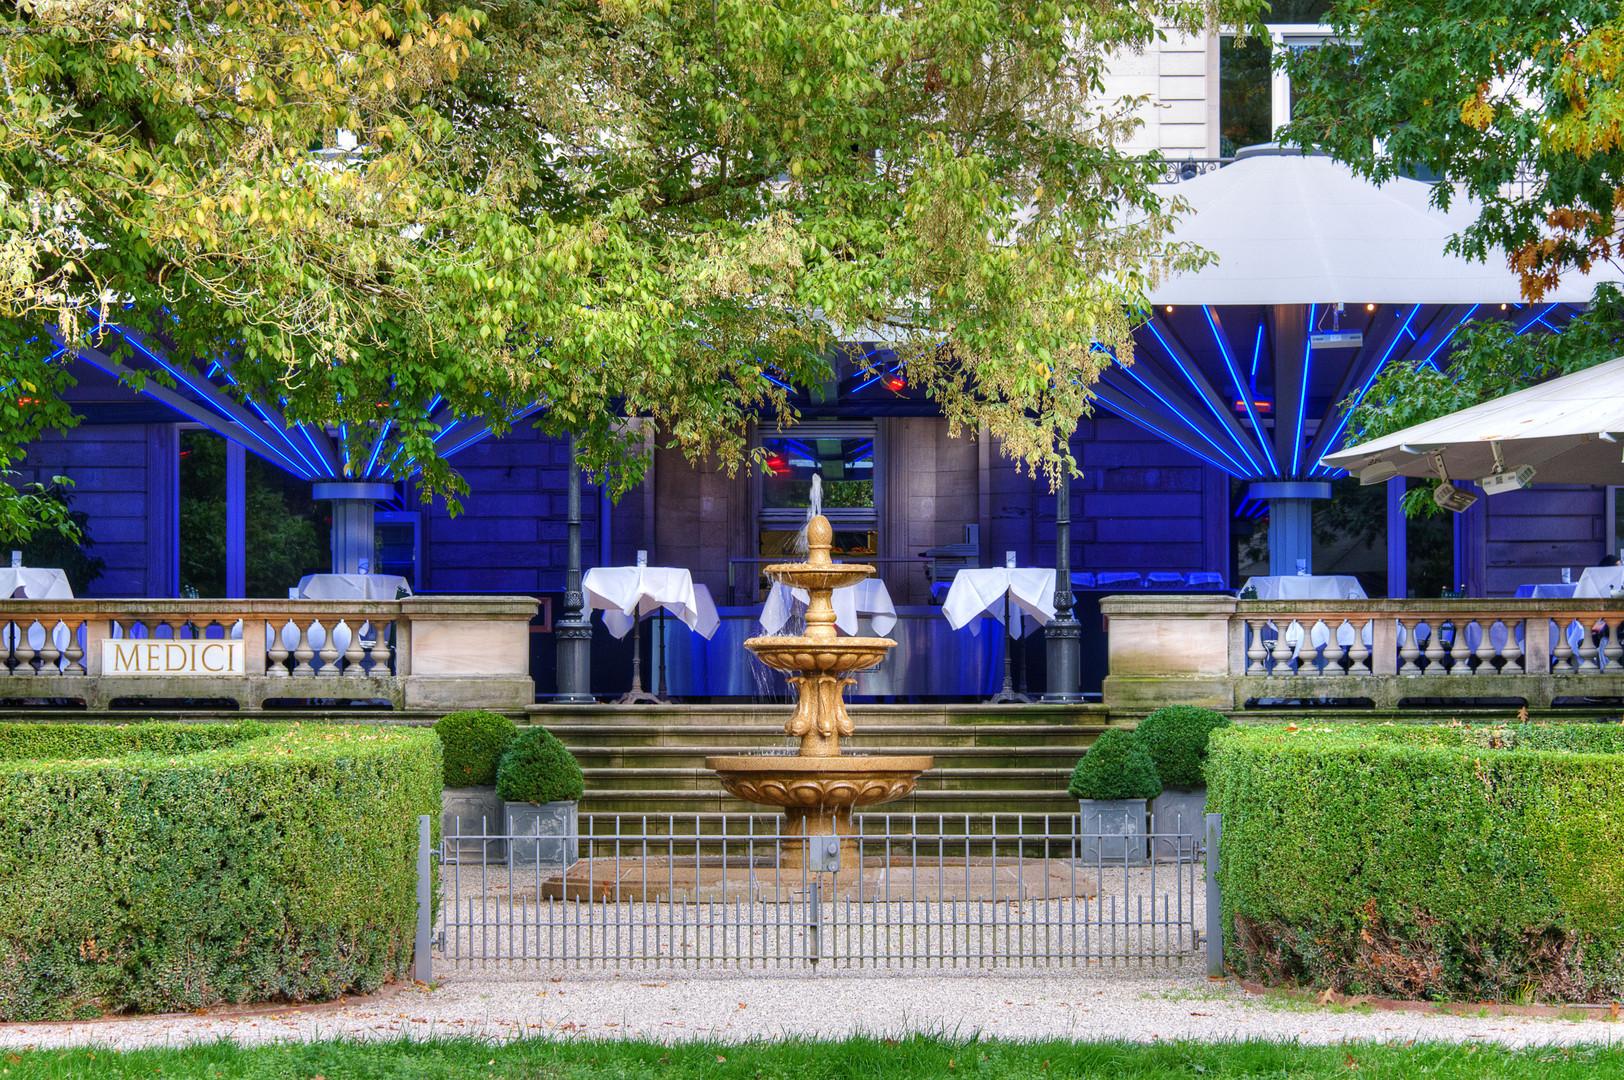 Restaurant mit blau beleuchteter Außenterrasse, Baden-Baden